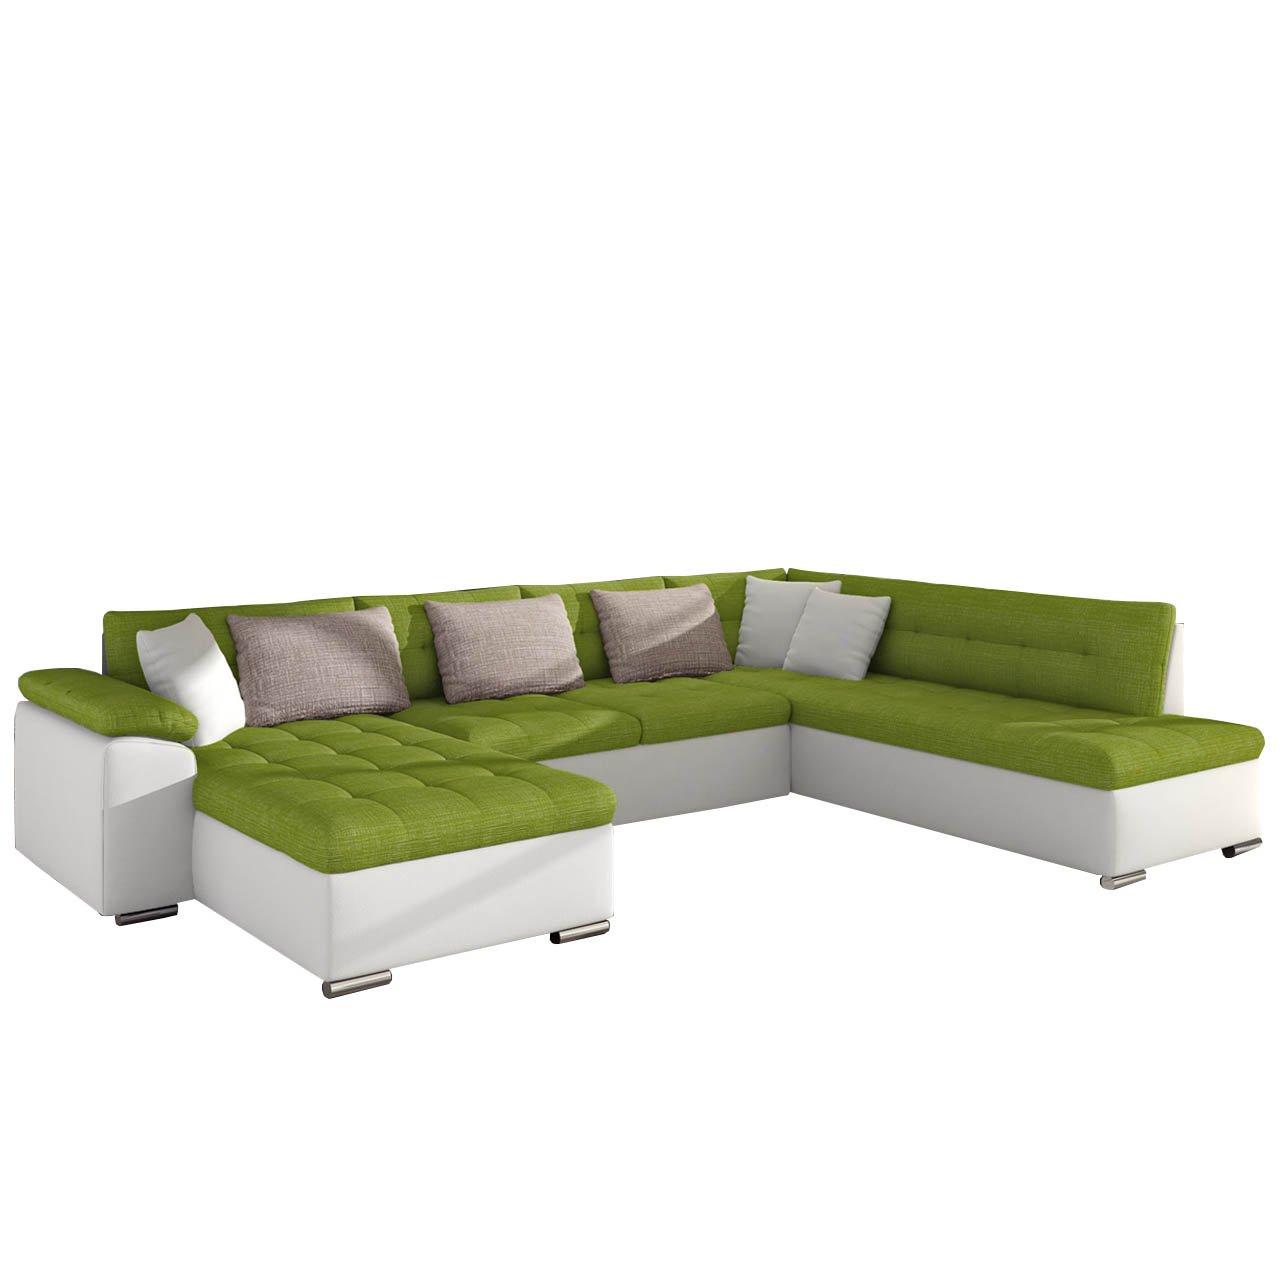 Eckcouch Ecksofa Niko Bis Lux Design Sofa Couch Mit Schlaffunktion